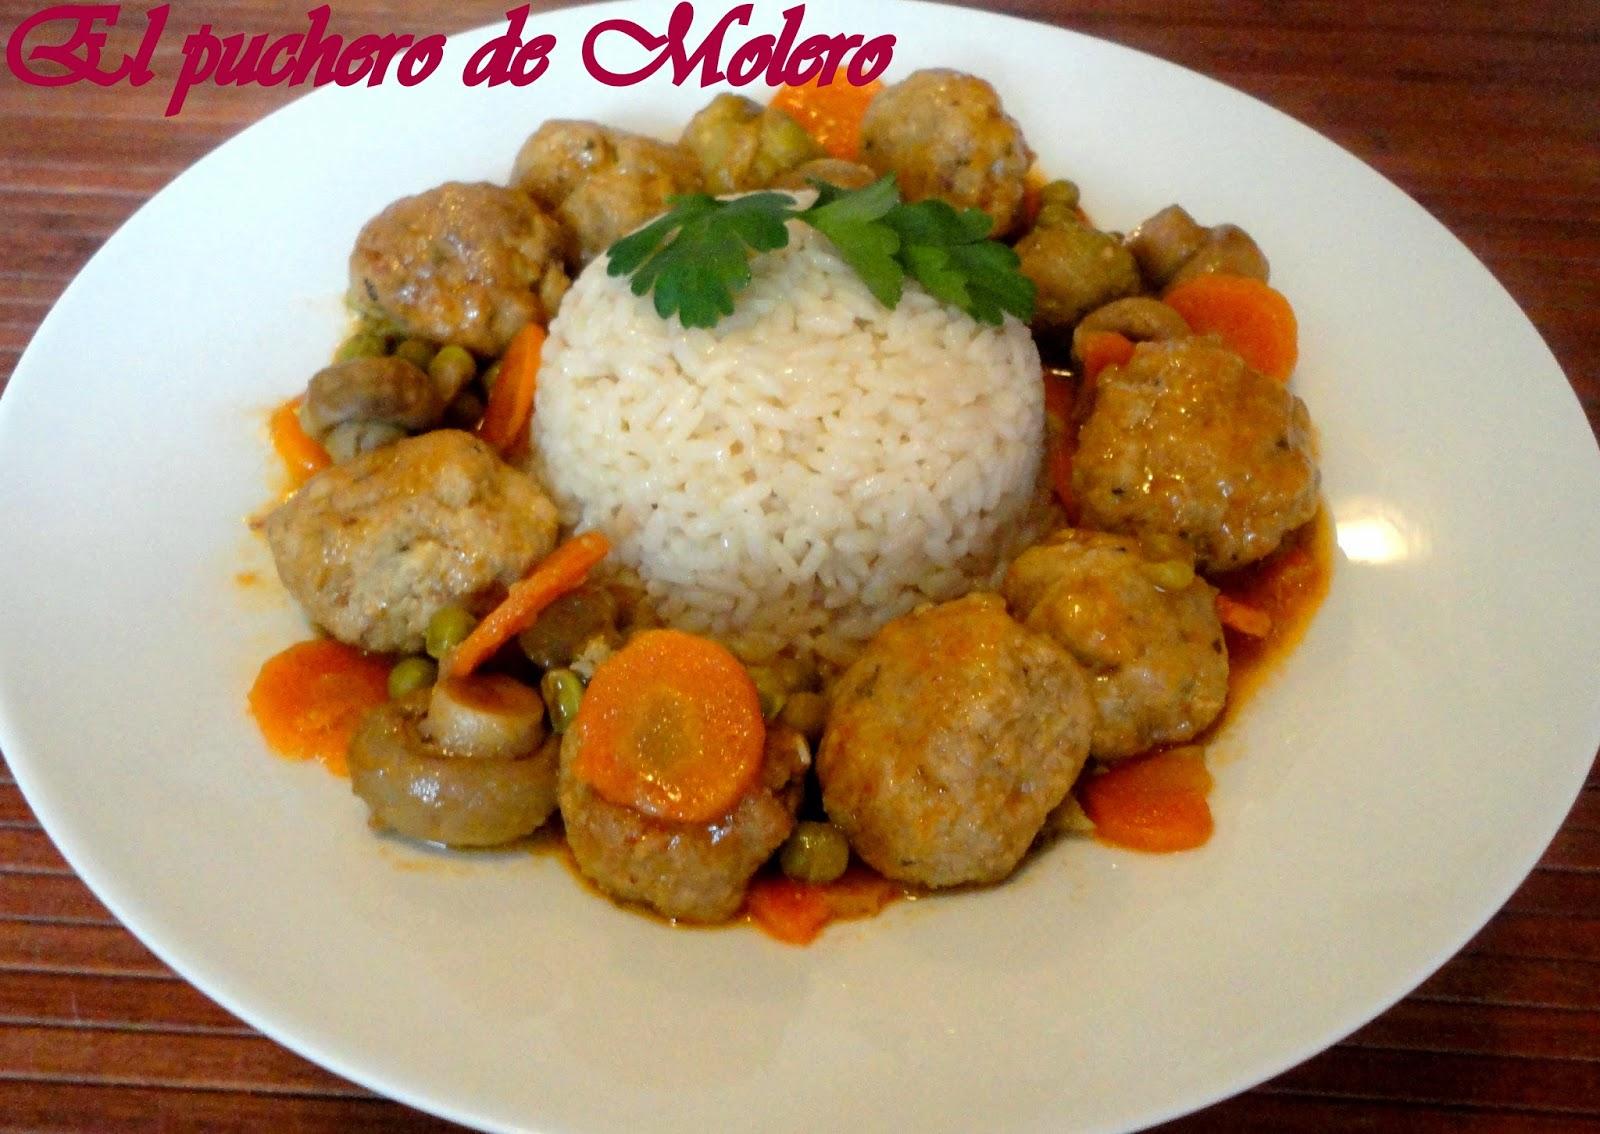 El puchero de molero albondigas con verduras - Albondigas de verdura ...